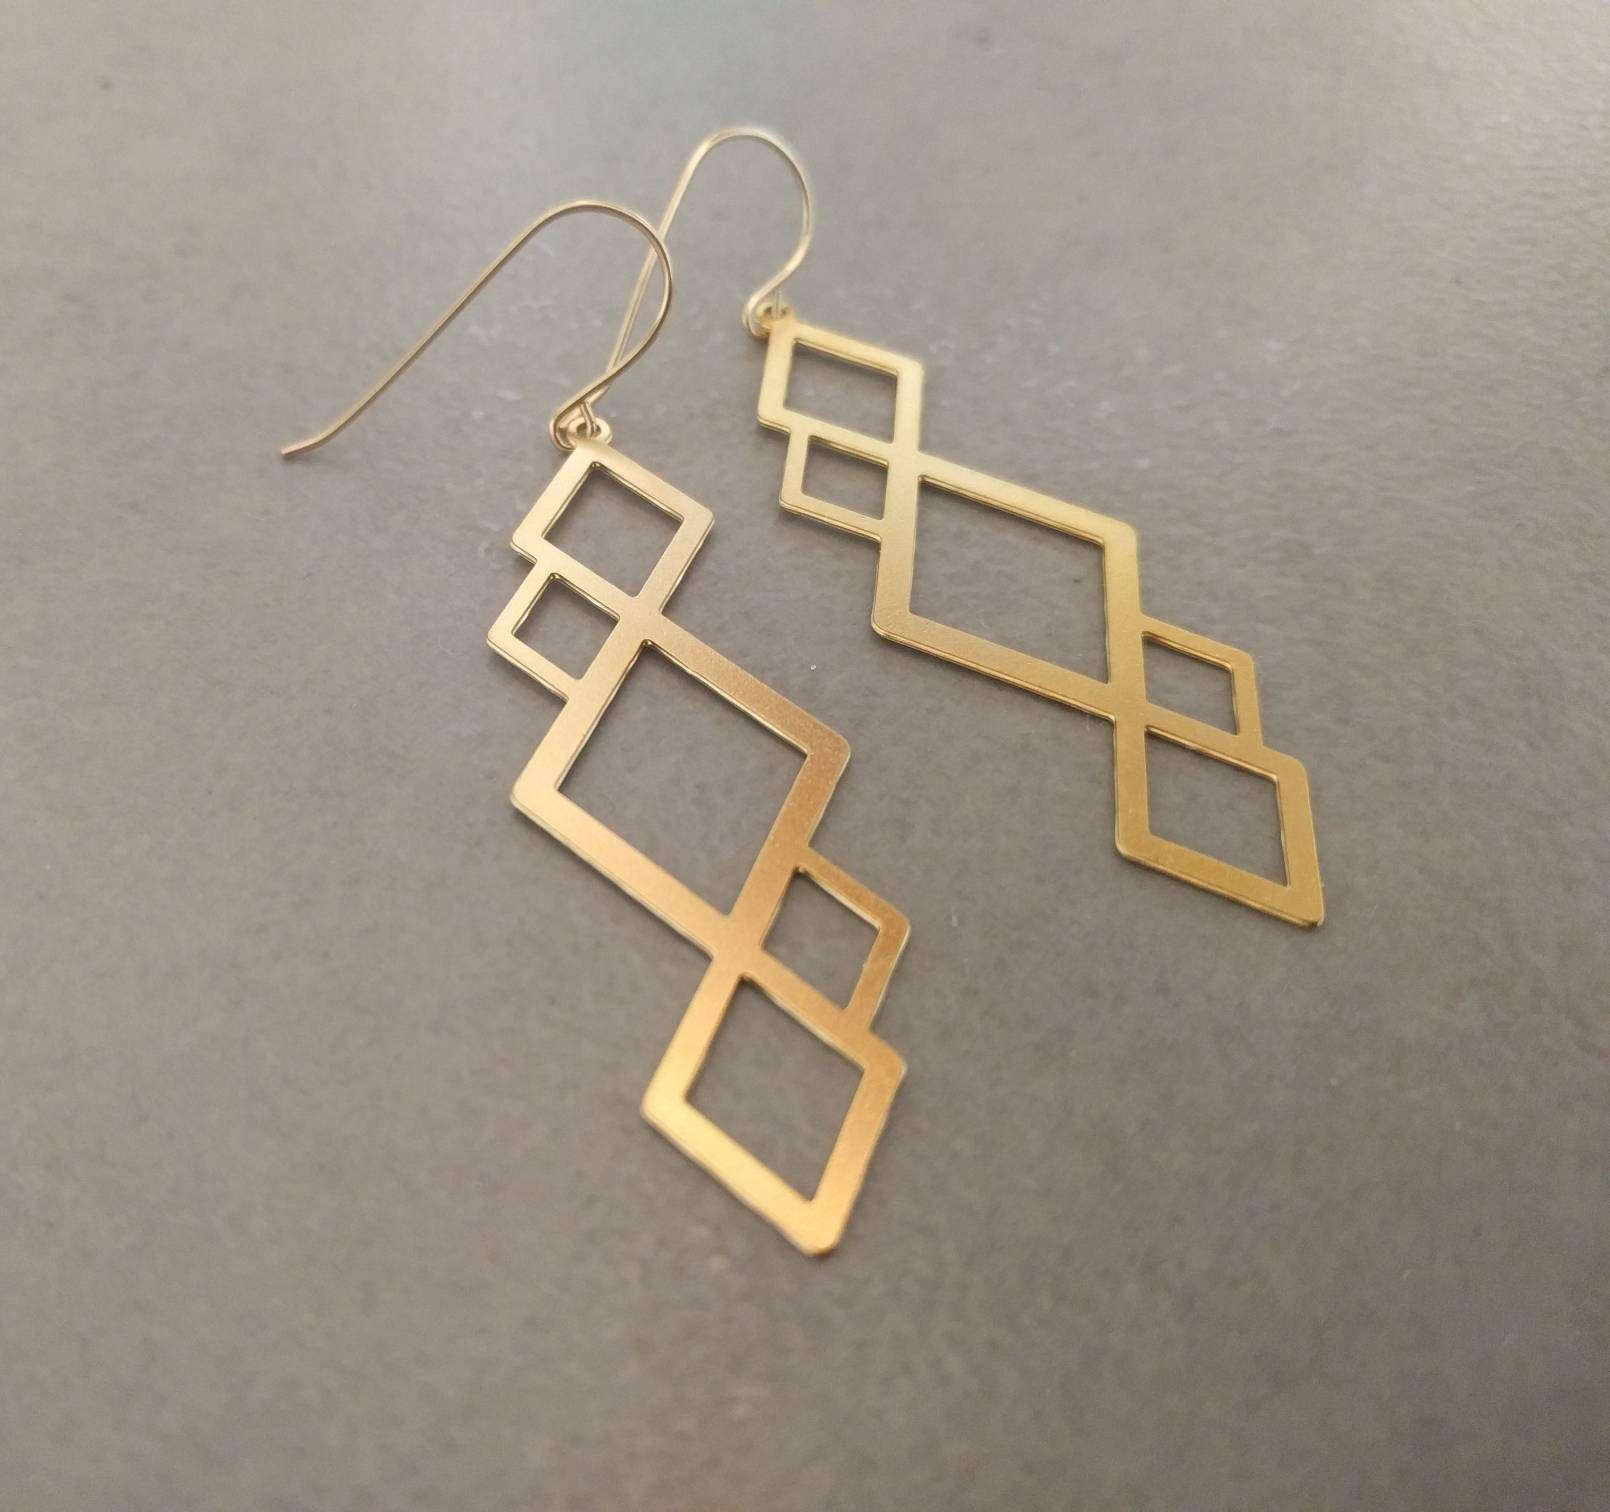 Geometric Earrings Dangle Earrings Gold Earrings Square Etsy Gold Earrings Dangle Triangle Earrings Geometric Earrings